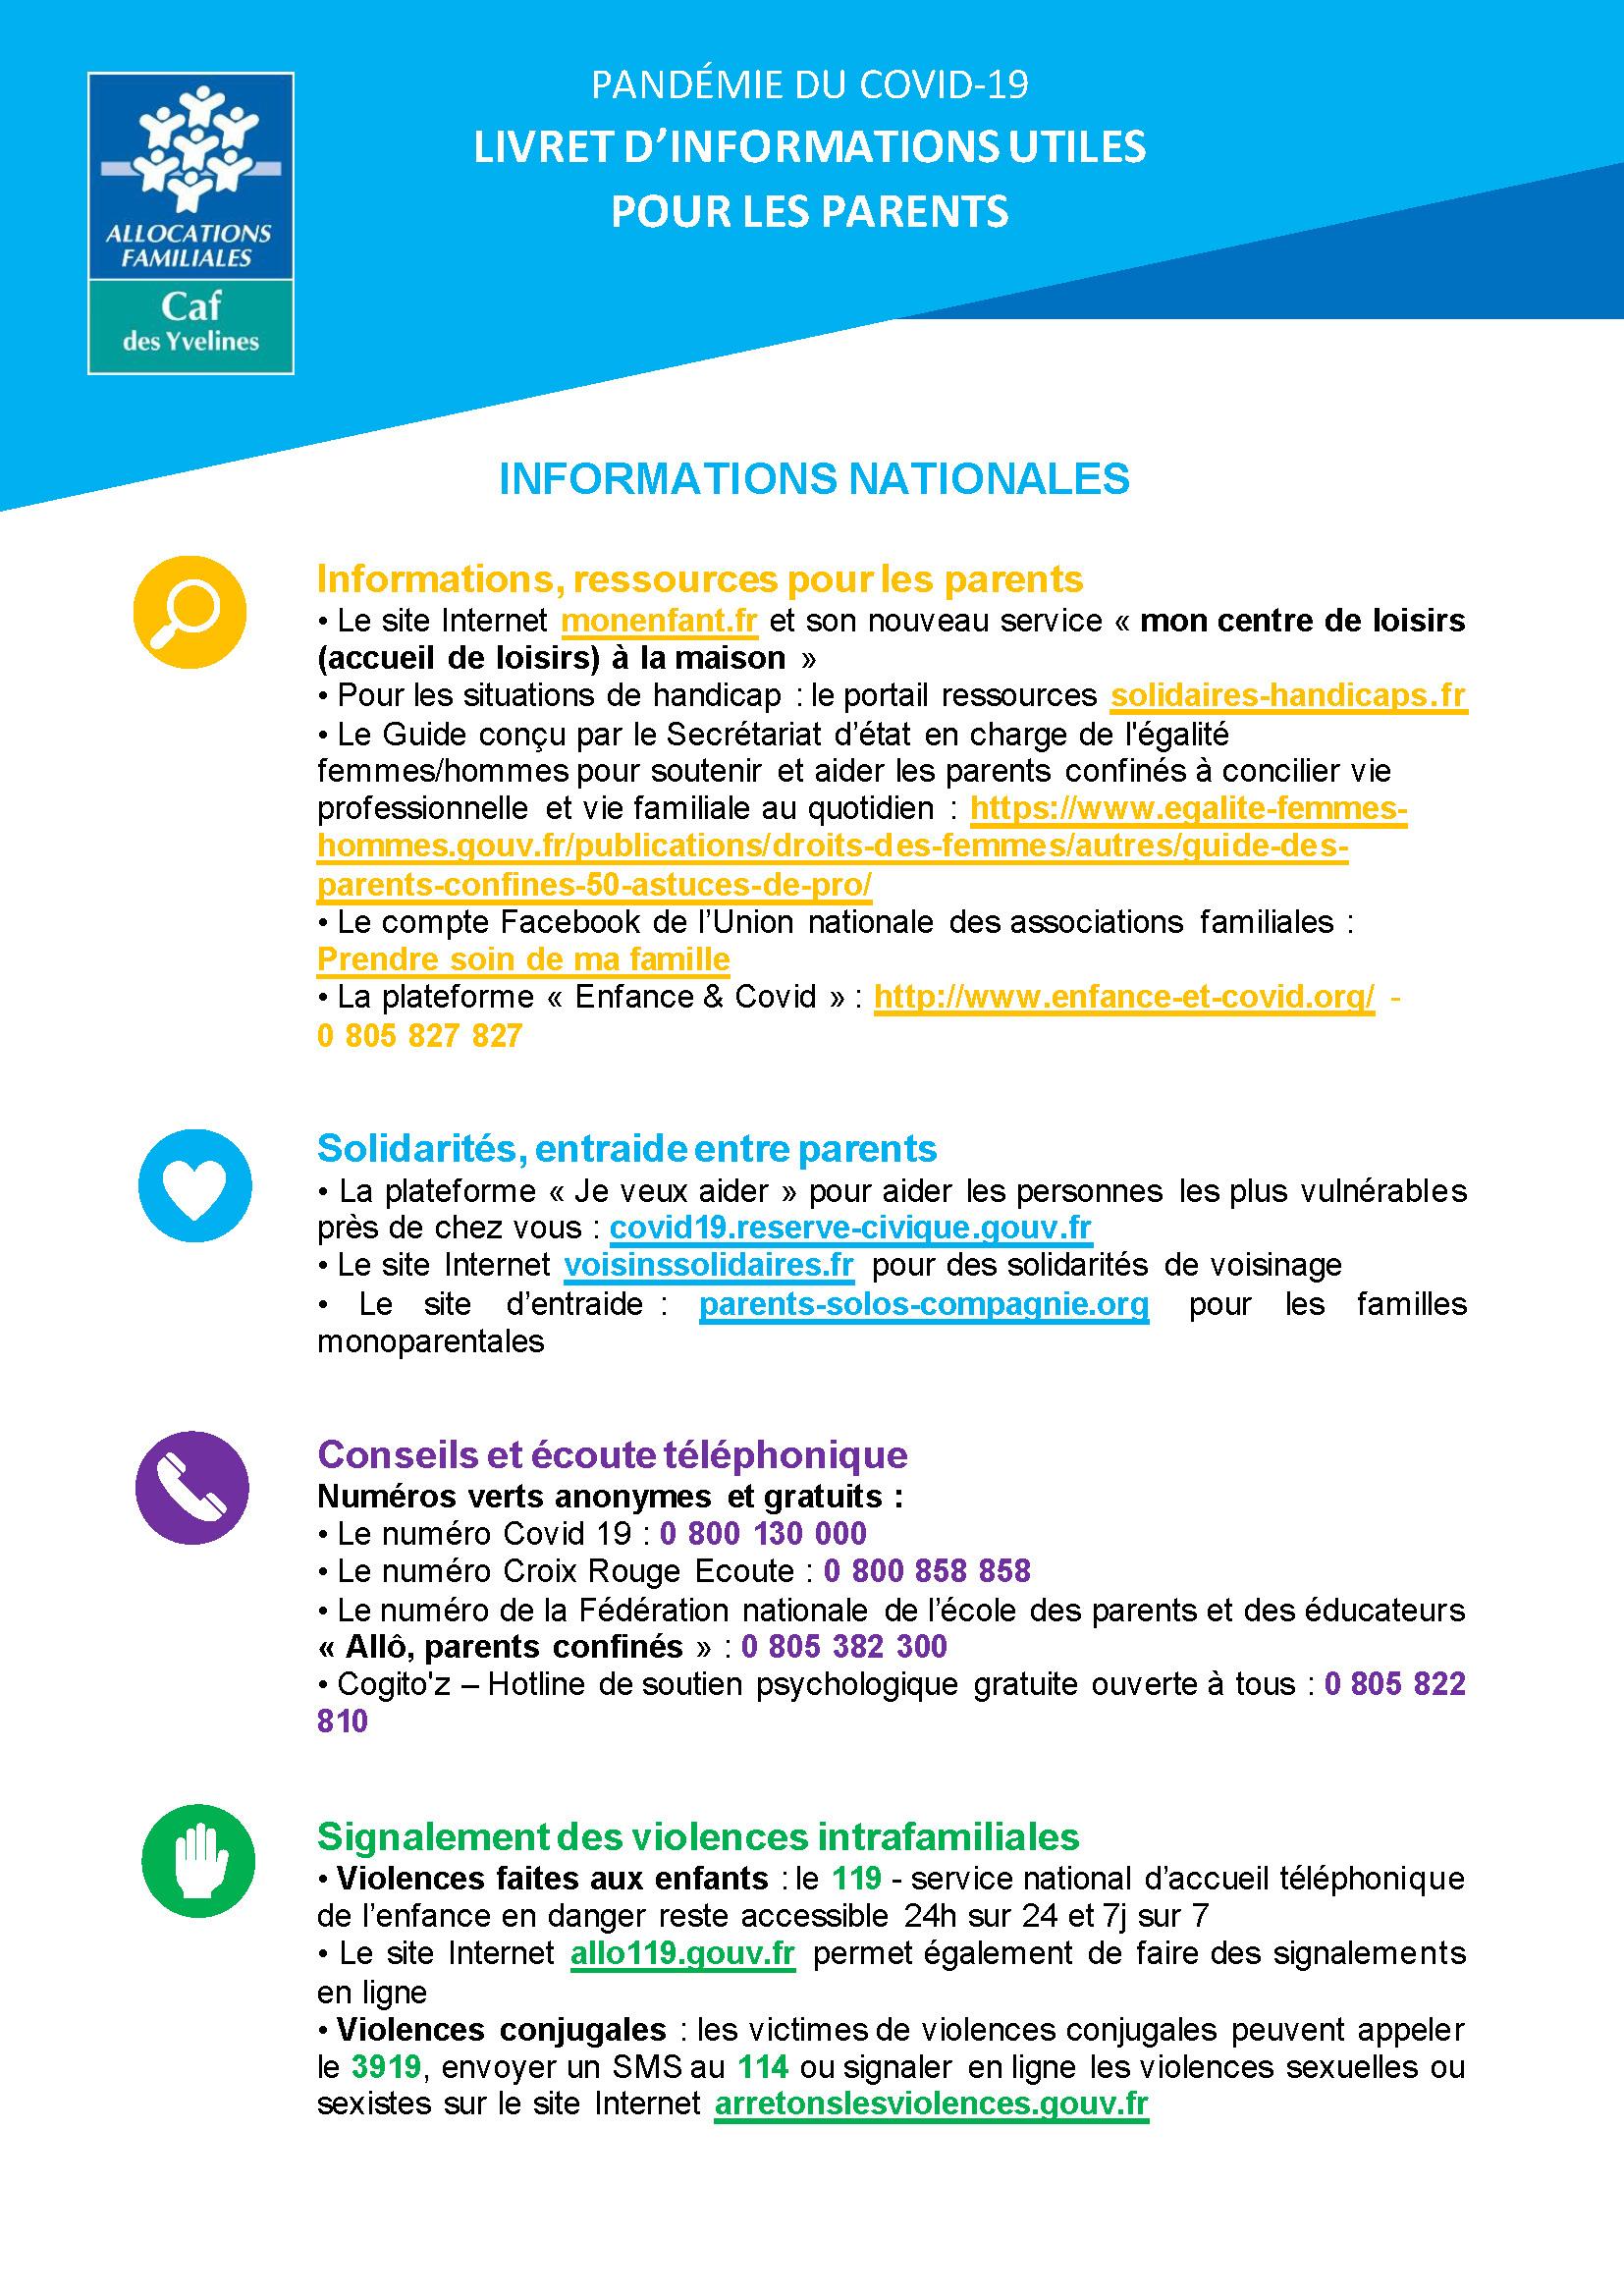 CAF_Livret-dinformation-pour-les-parents_Page_1